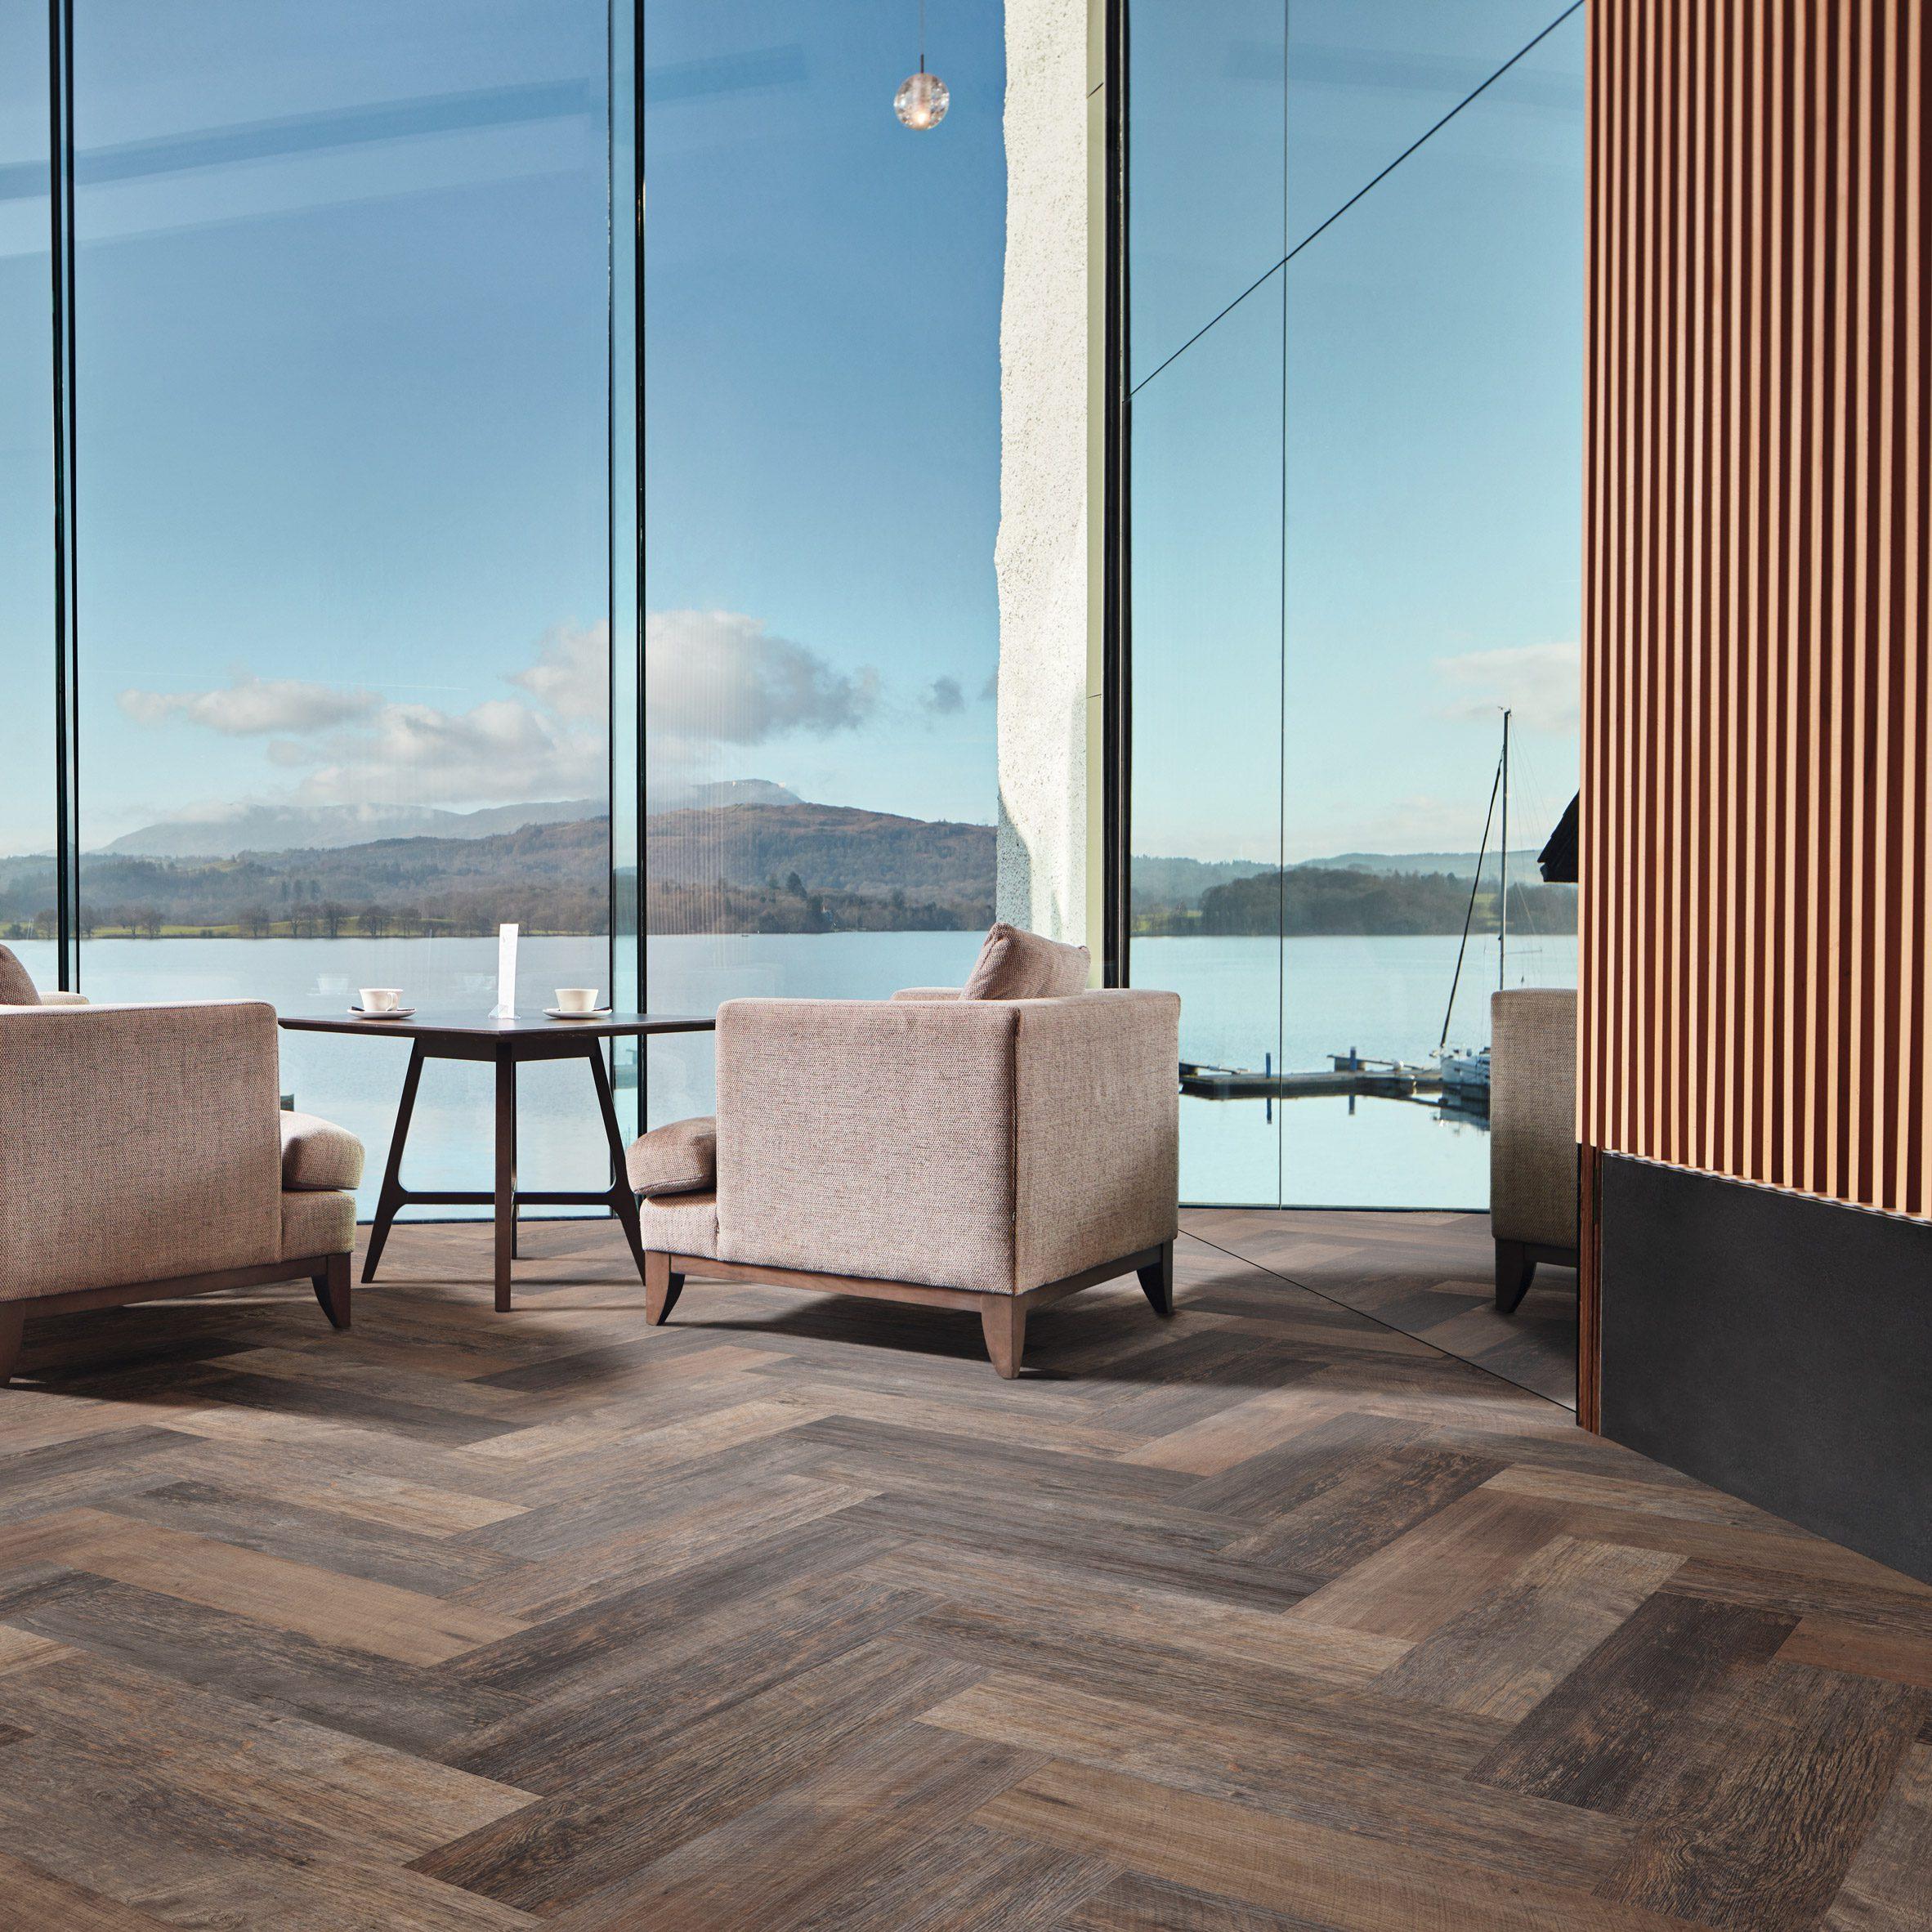 Van Gogh Multi-format flooring by Karndean Designflooring